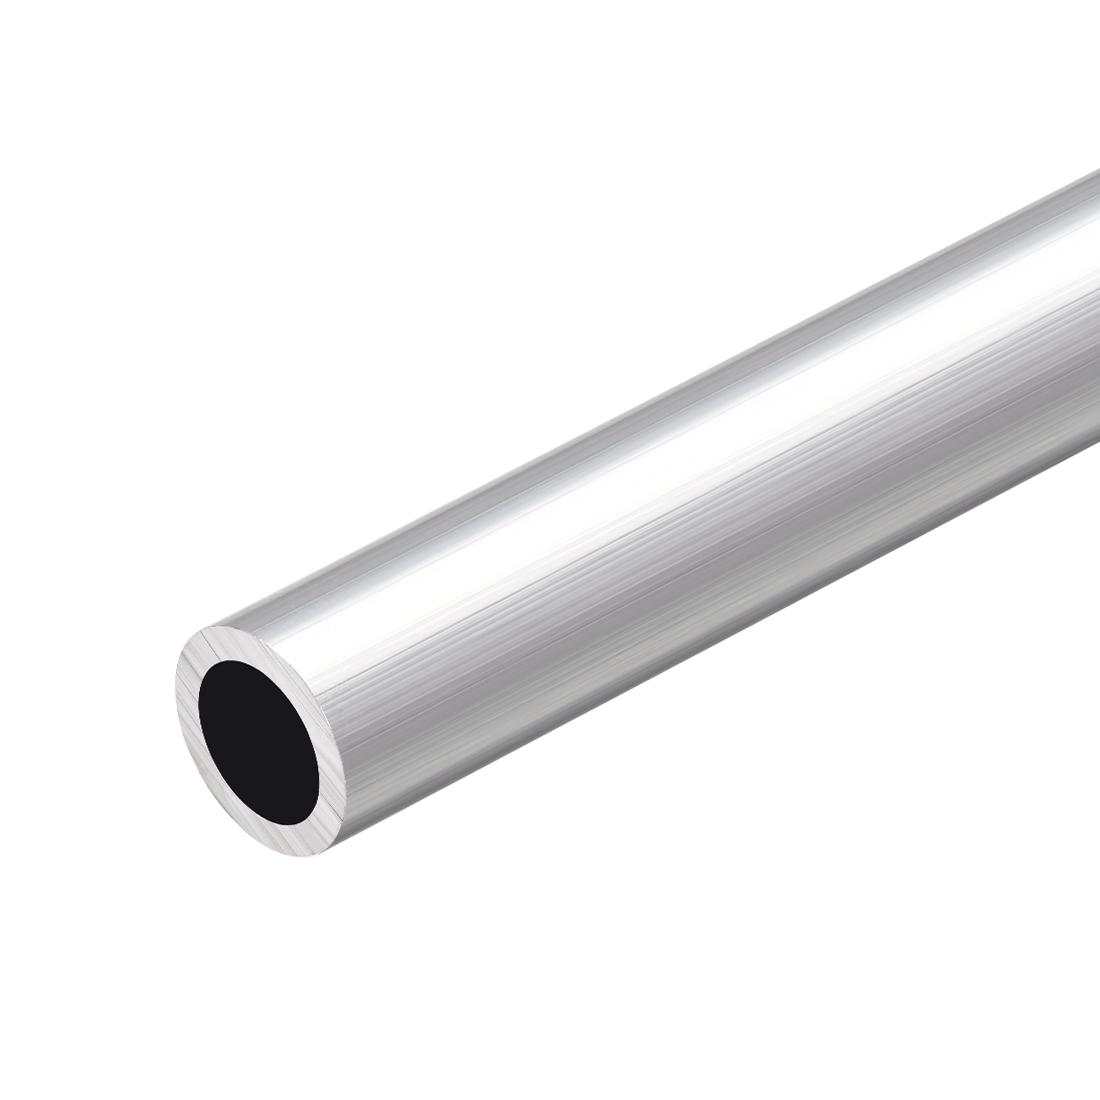 6063 Aluminum Round Tube 300mm Length 20mm OD 16mm Inner Dia Seamless Tubing